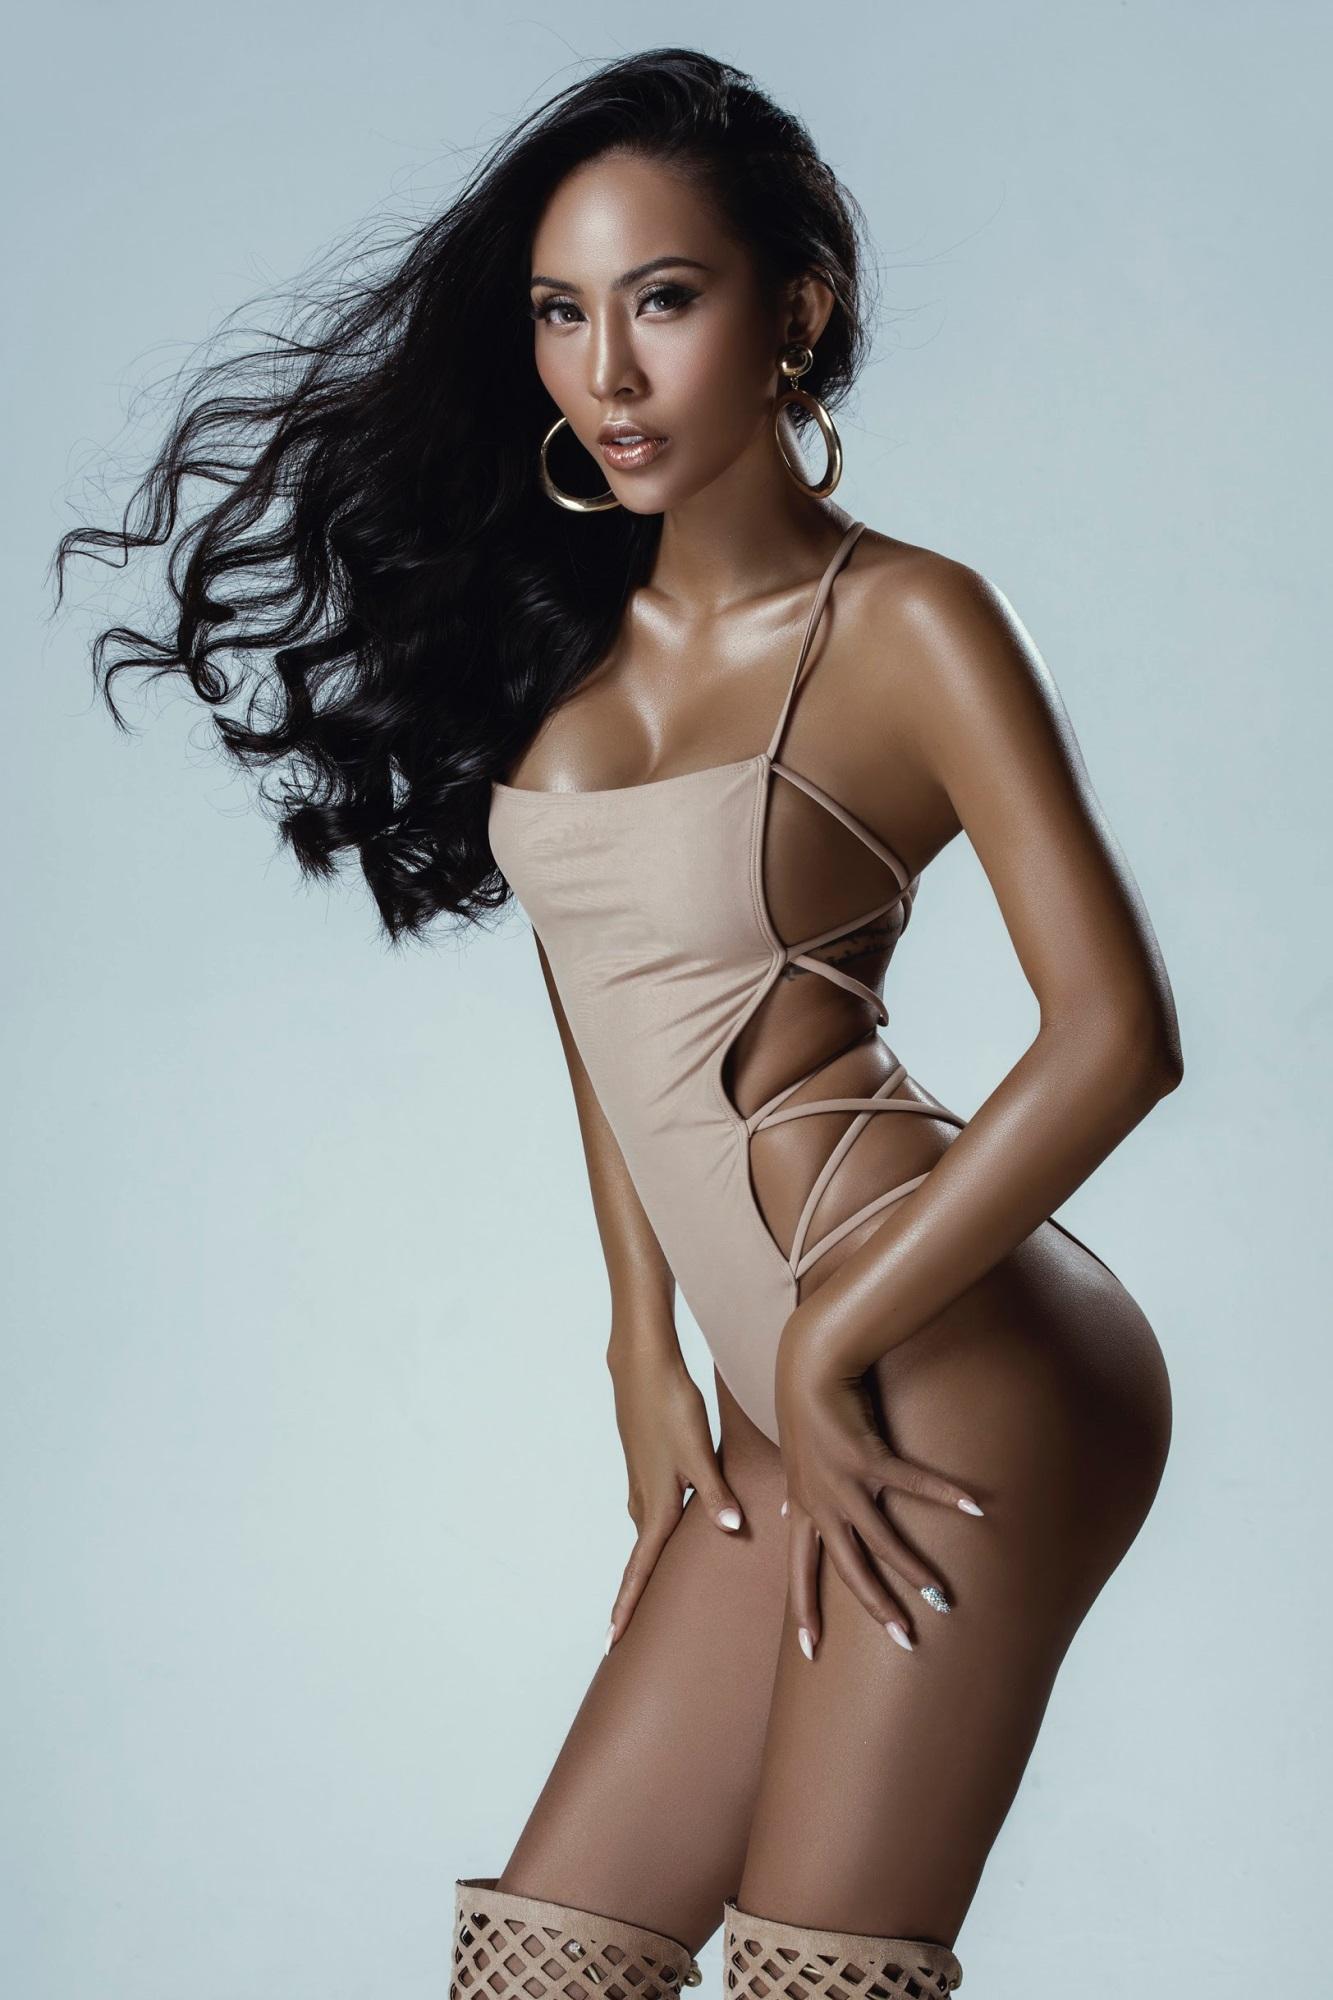 Chân dài Trương Hằng khoe trọn 'đường con nhức mắt' trong bộ hình bikini nóng bỏng - Ảnh 3